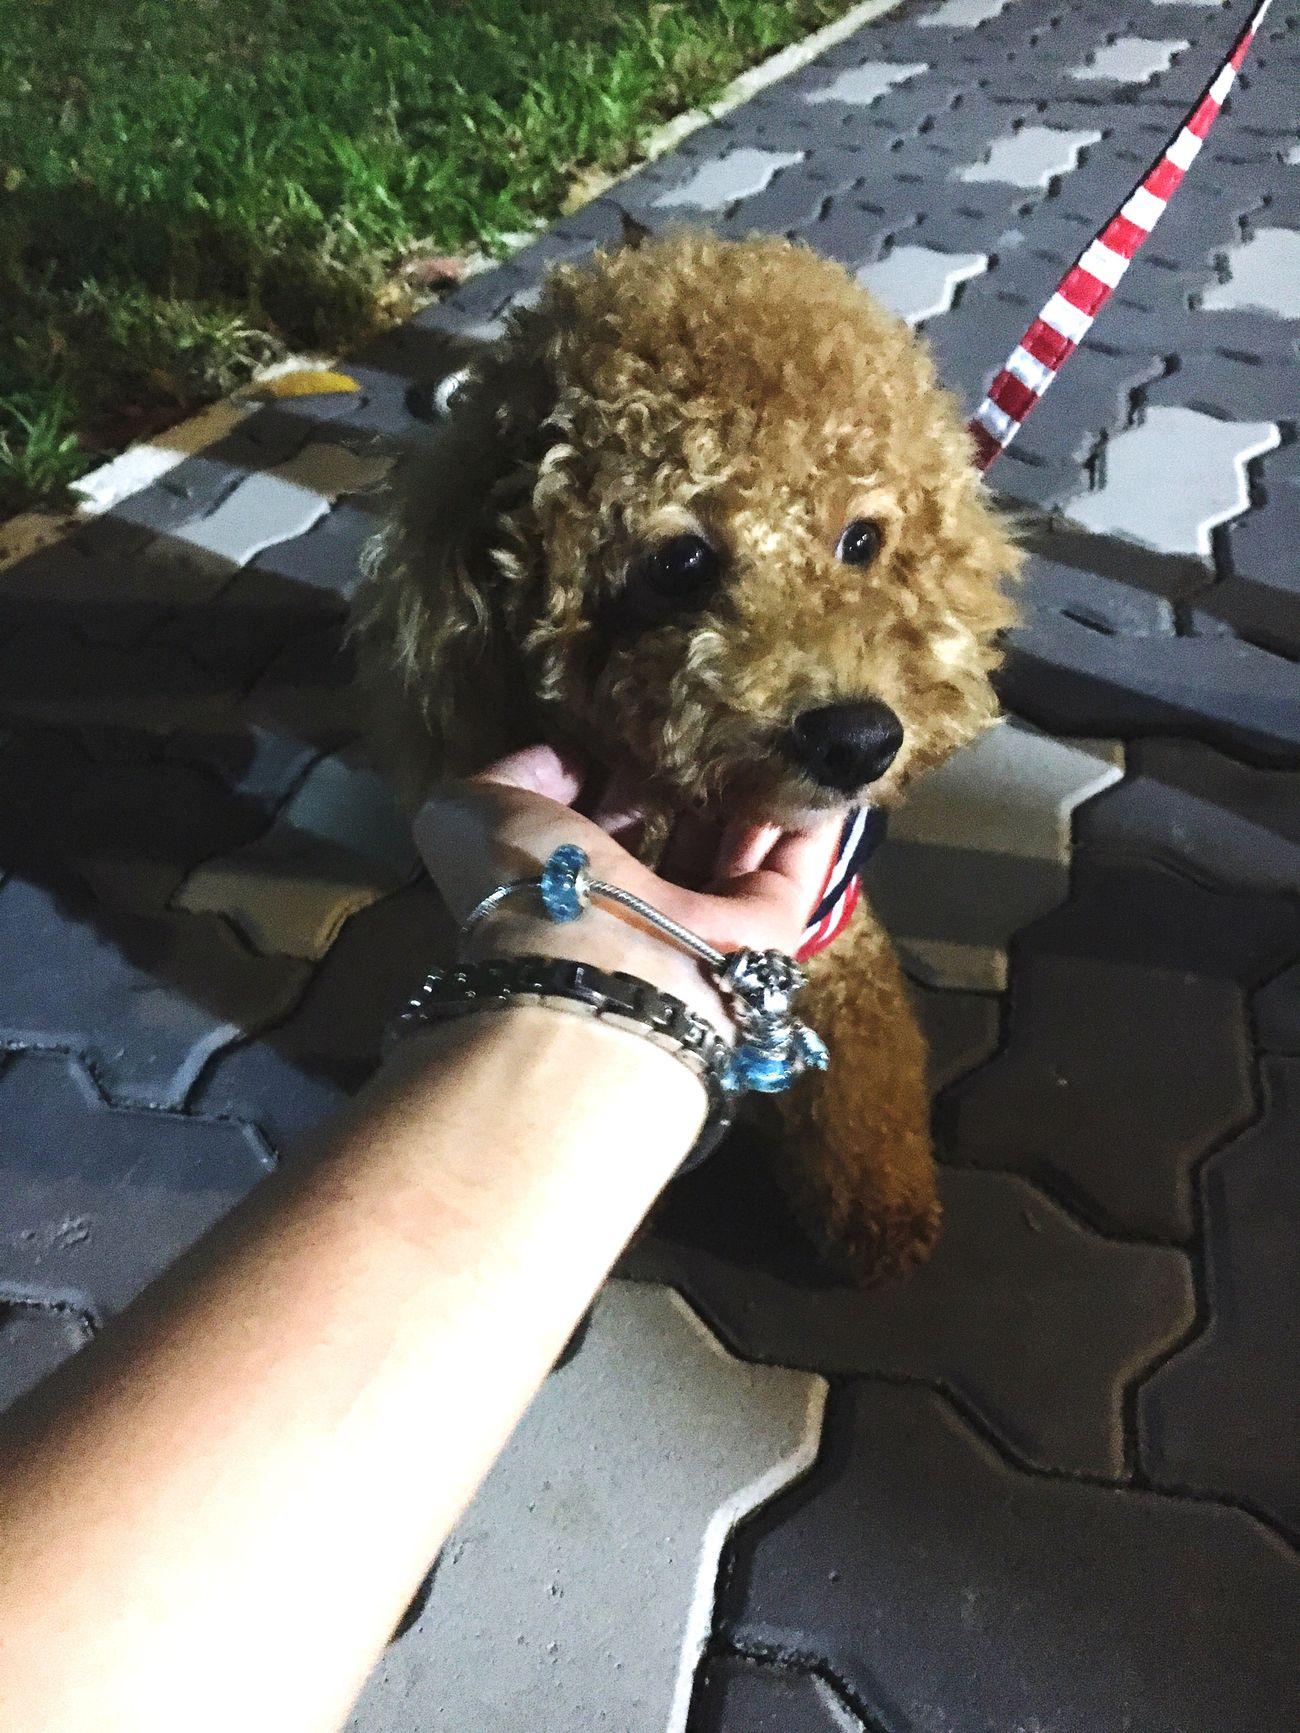 Cute dog 😍😍😍